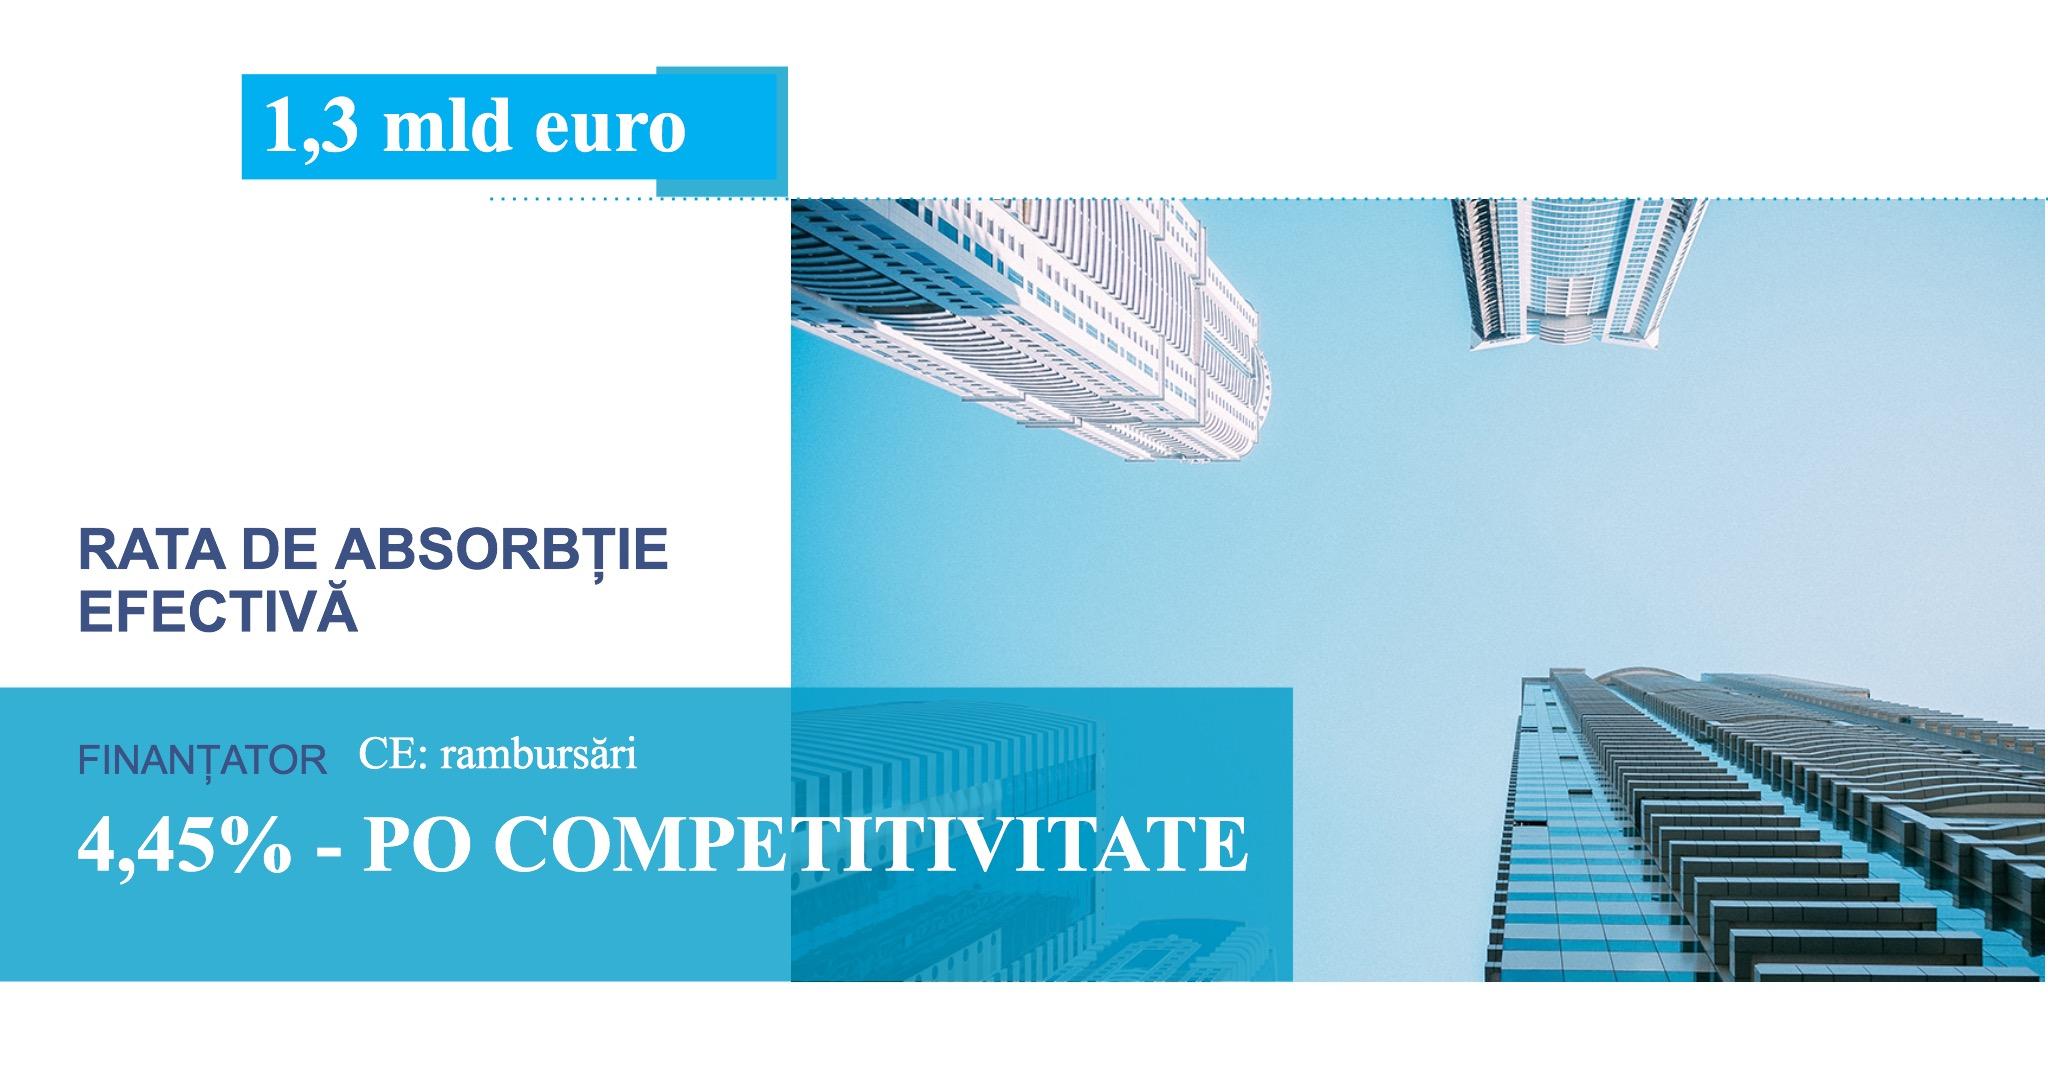 Fonduri europene de 64 de milioane de euro pentru proiecte private inovative românești depuse până la data de 15 martie prin Programul Operational Competitivitate 2014-2020